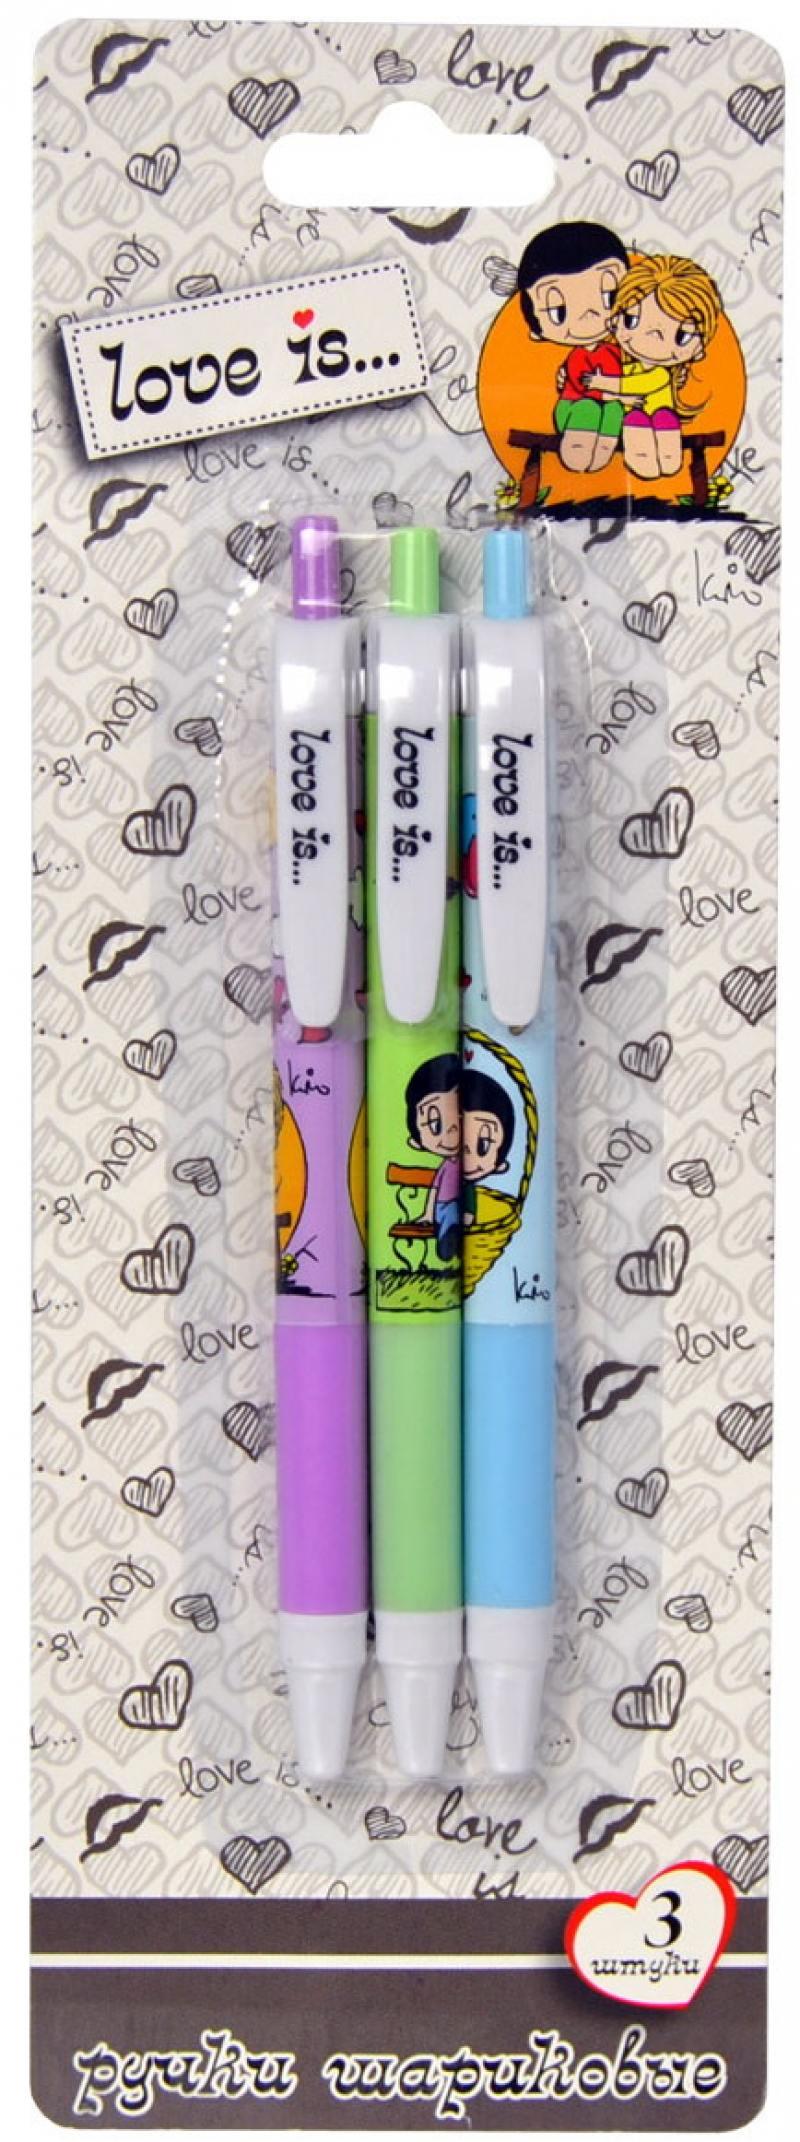 Набор шариковых ручек автоматическая Action! Love is 3 шт синий LI-ABP152/3 LI-ABP152/3 набор шариковых ручек стамм ро06 3 шт разноцветный 1 мм ро06